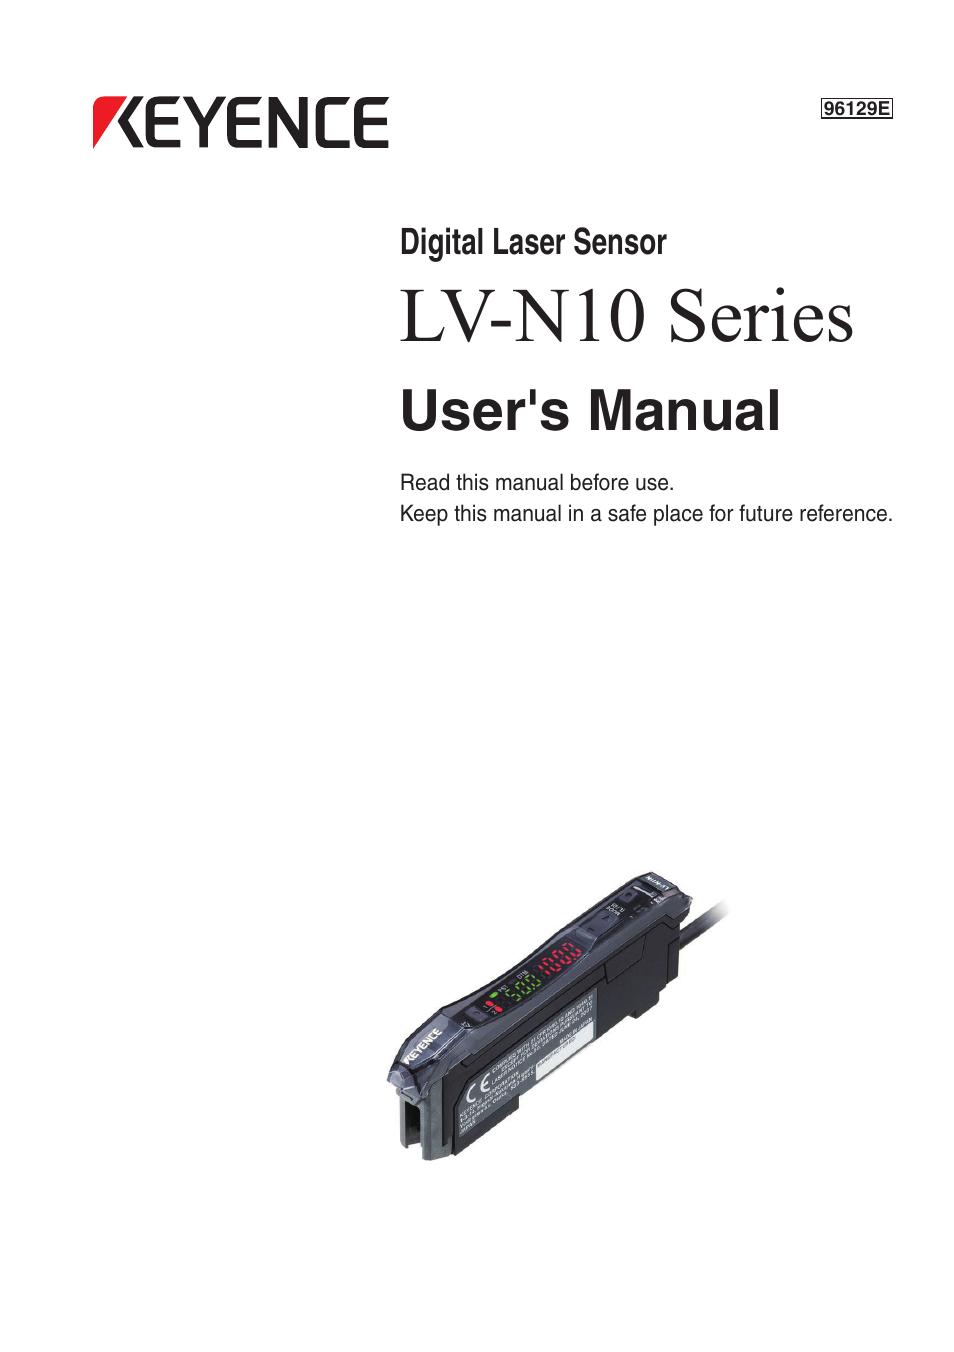 Trilogy User Manual